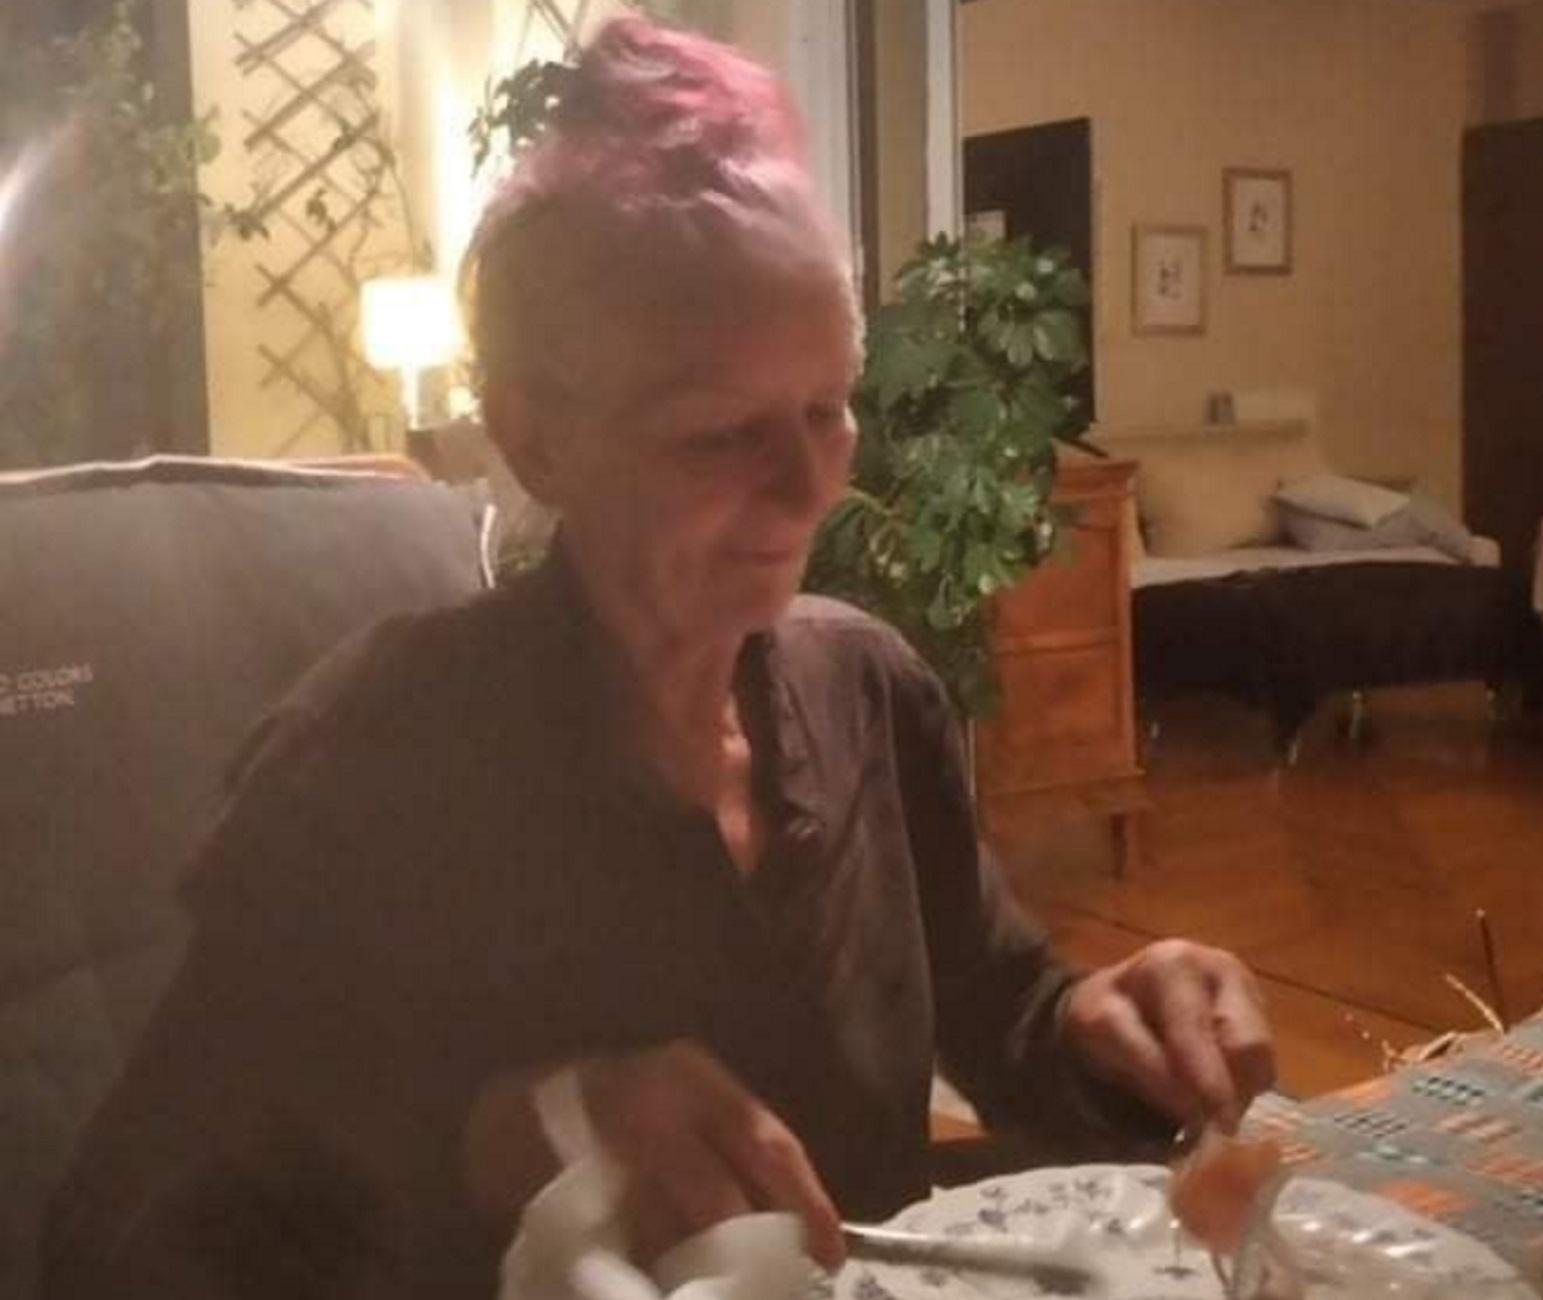 Ίος: Μυστηριώδης εξαφάνιση γυναίκας που έκανε διακοπές – Τι ανέφερε στις Αρχές ο φίλος της